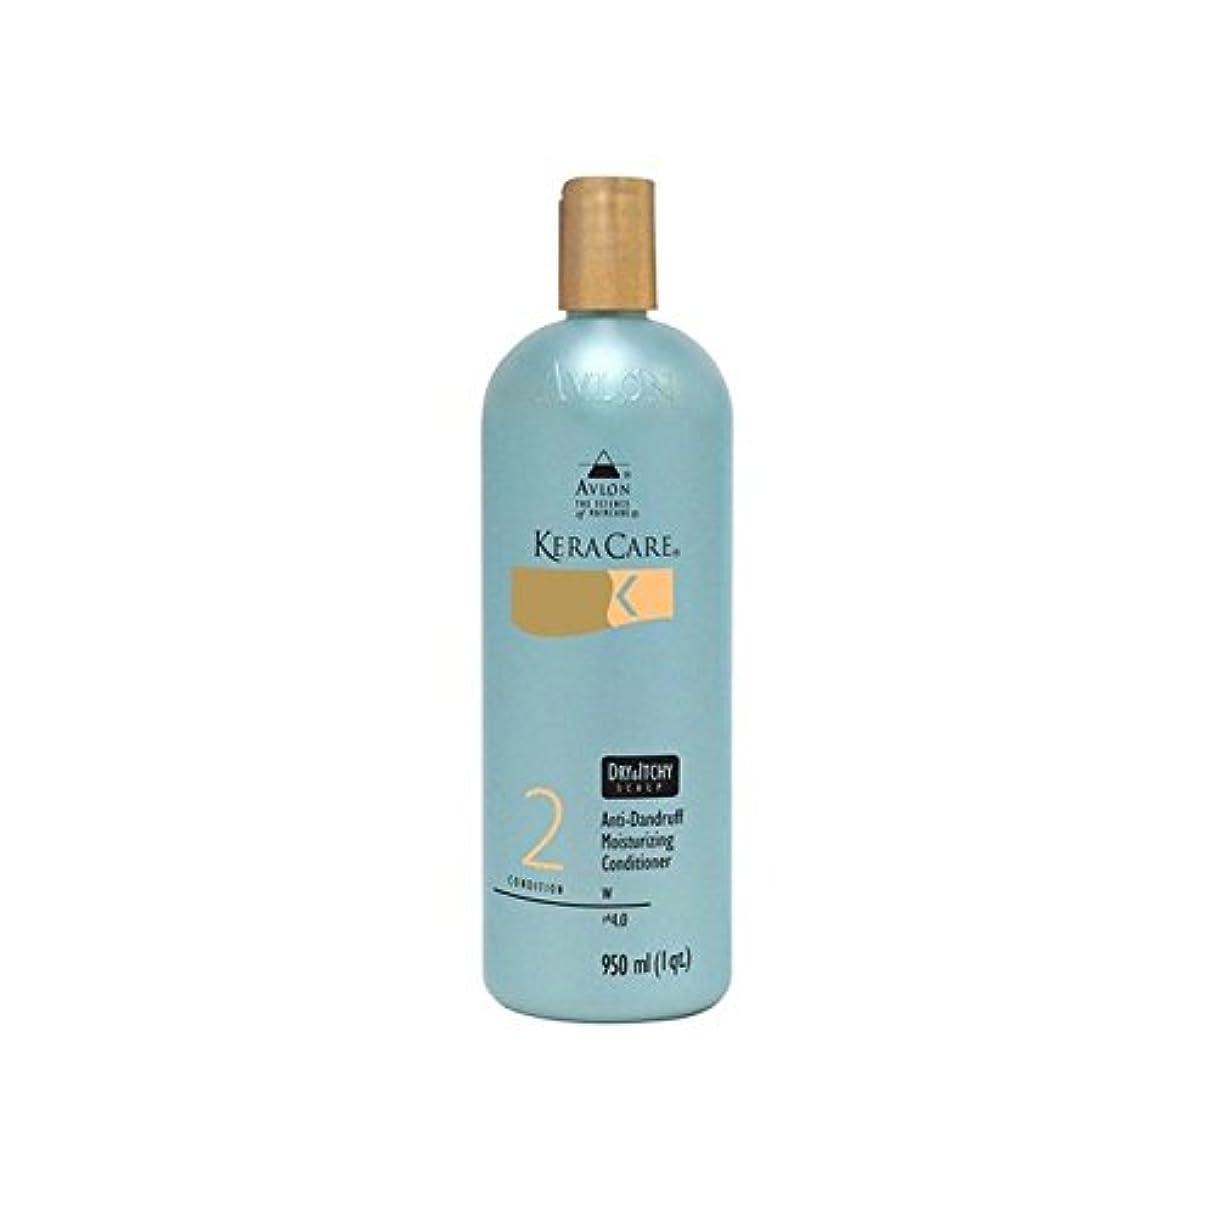 ウールシガレット助言Keracare Dry And Itchy Scalp Moisturizing Conditioner (950ml) - 乾燥やかゆみ頭皮の保湿コンディショナー(950ミリリットル) [並行輸入品]